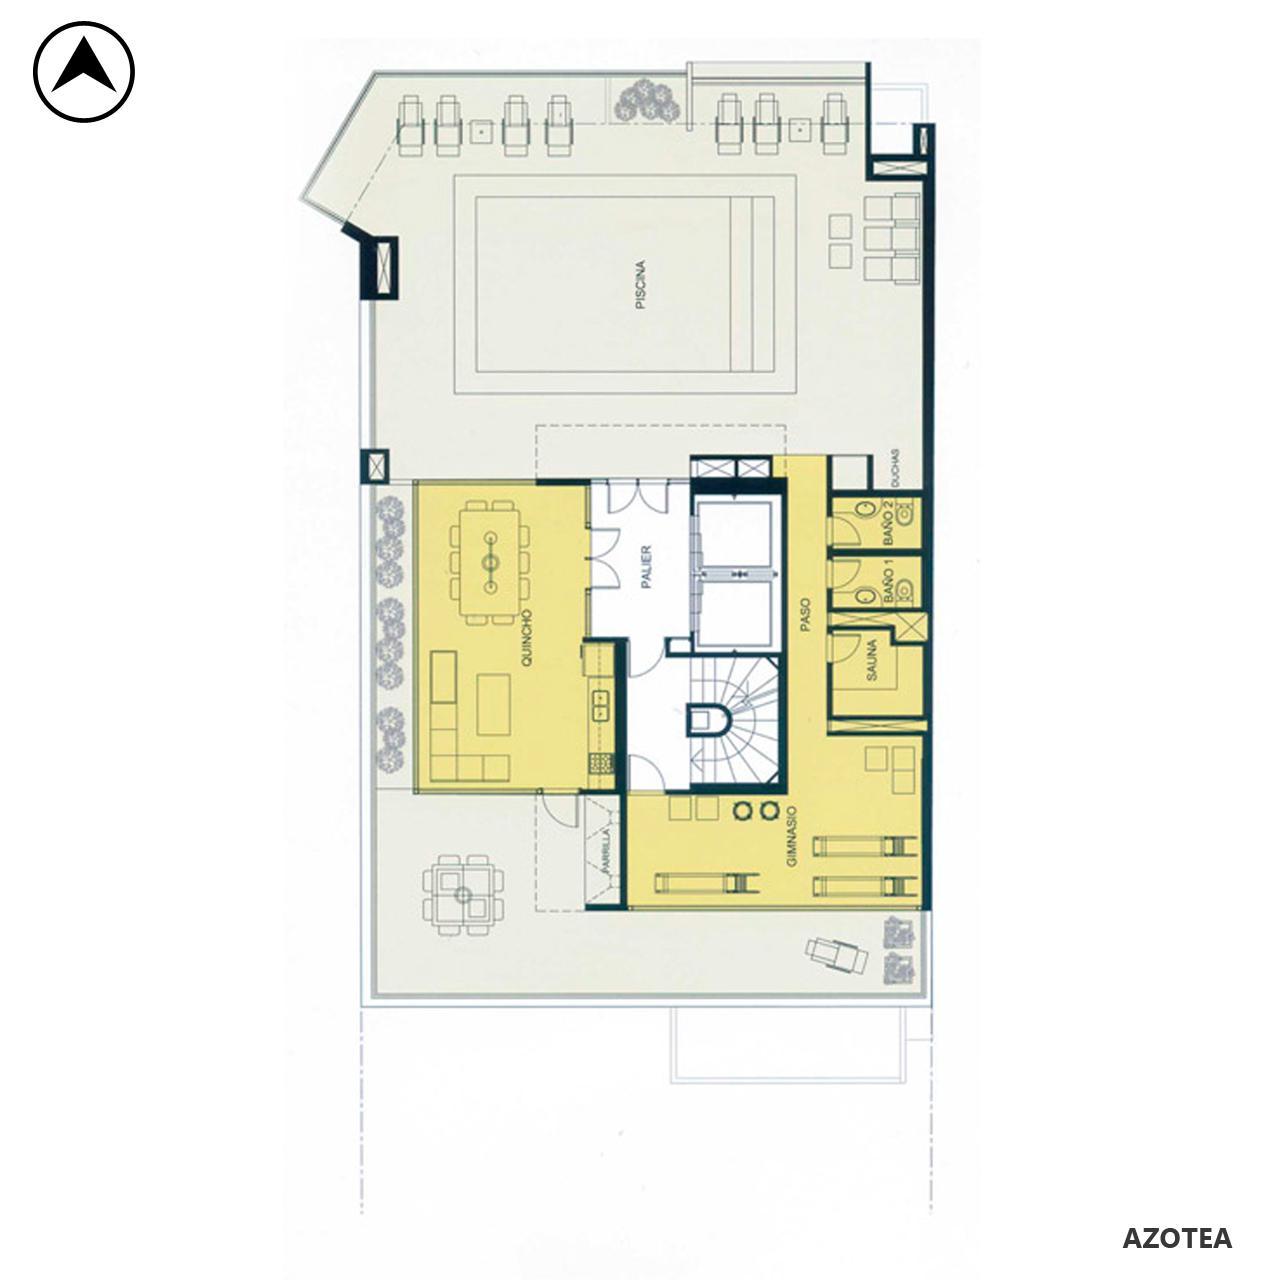 Venta departamento 3+ dormitorios Rosario, Centro. Cod CAP1430171. Crestale Propiedades